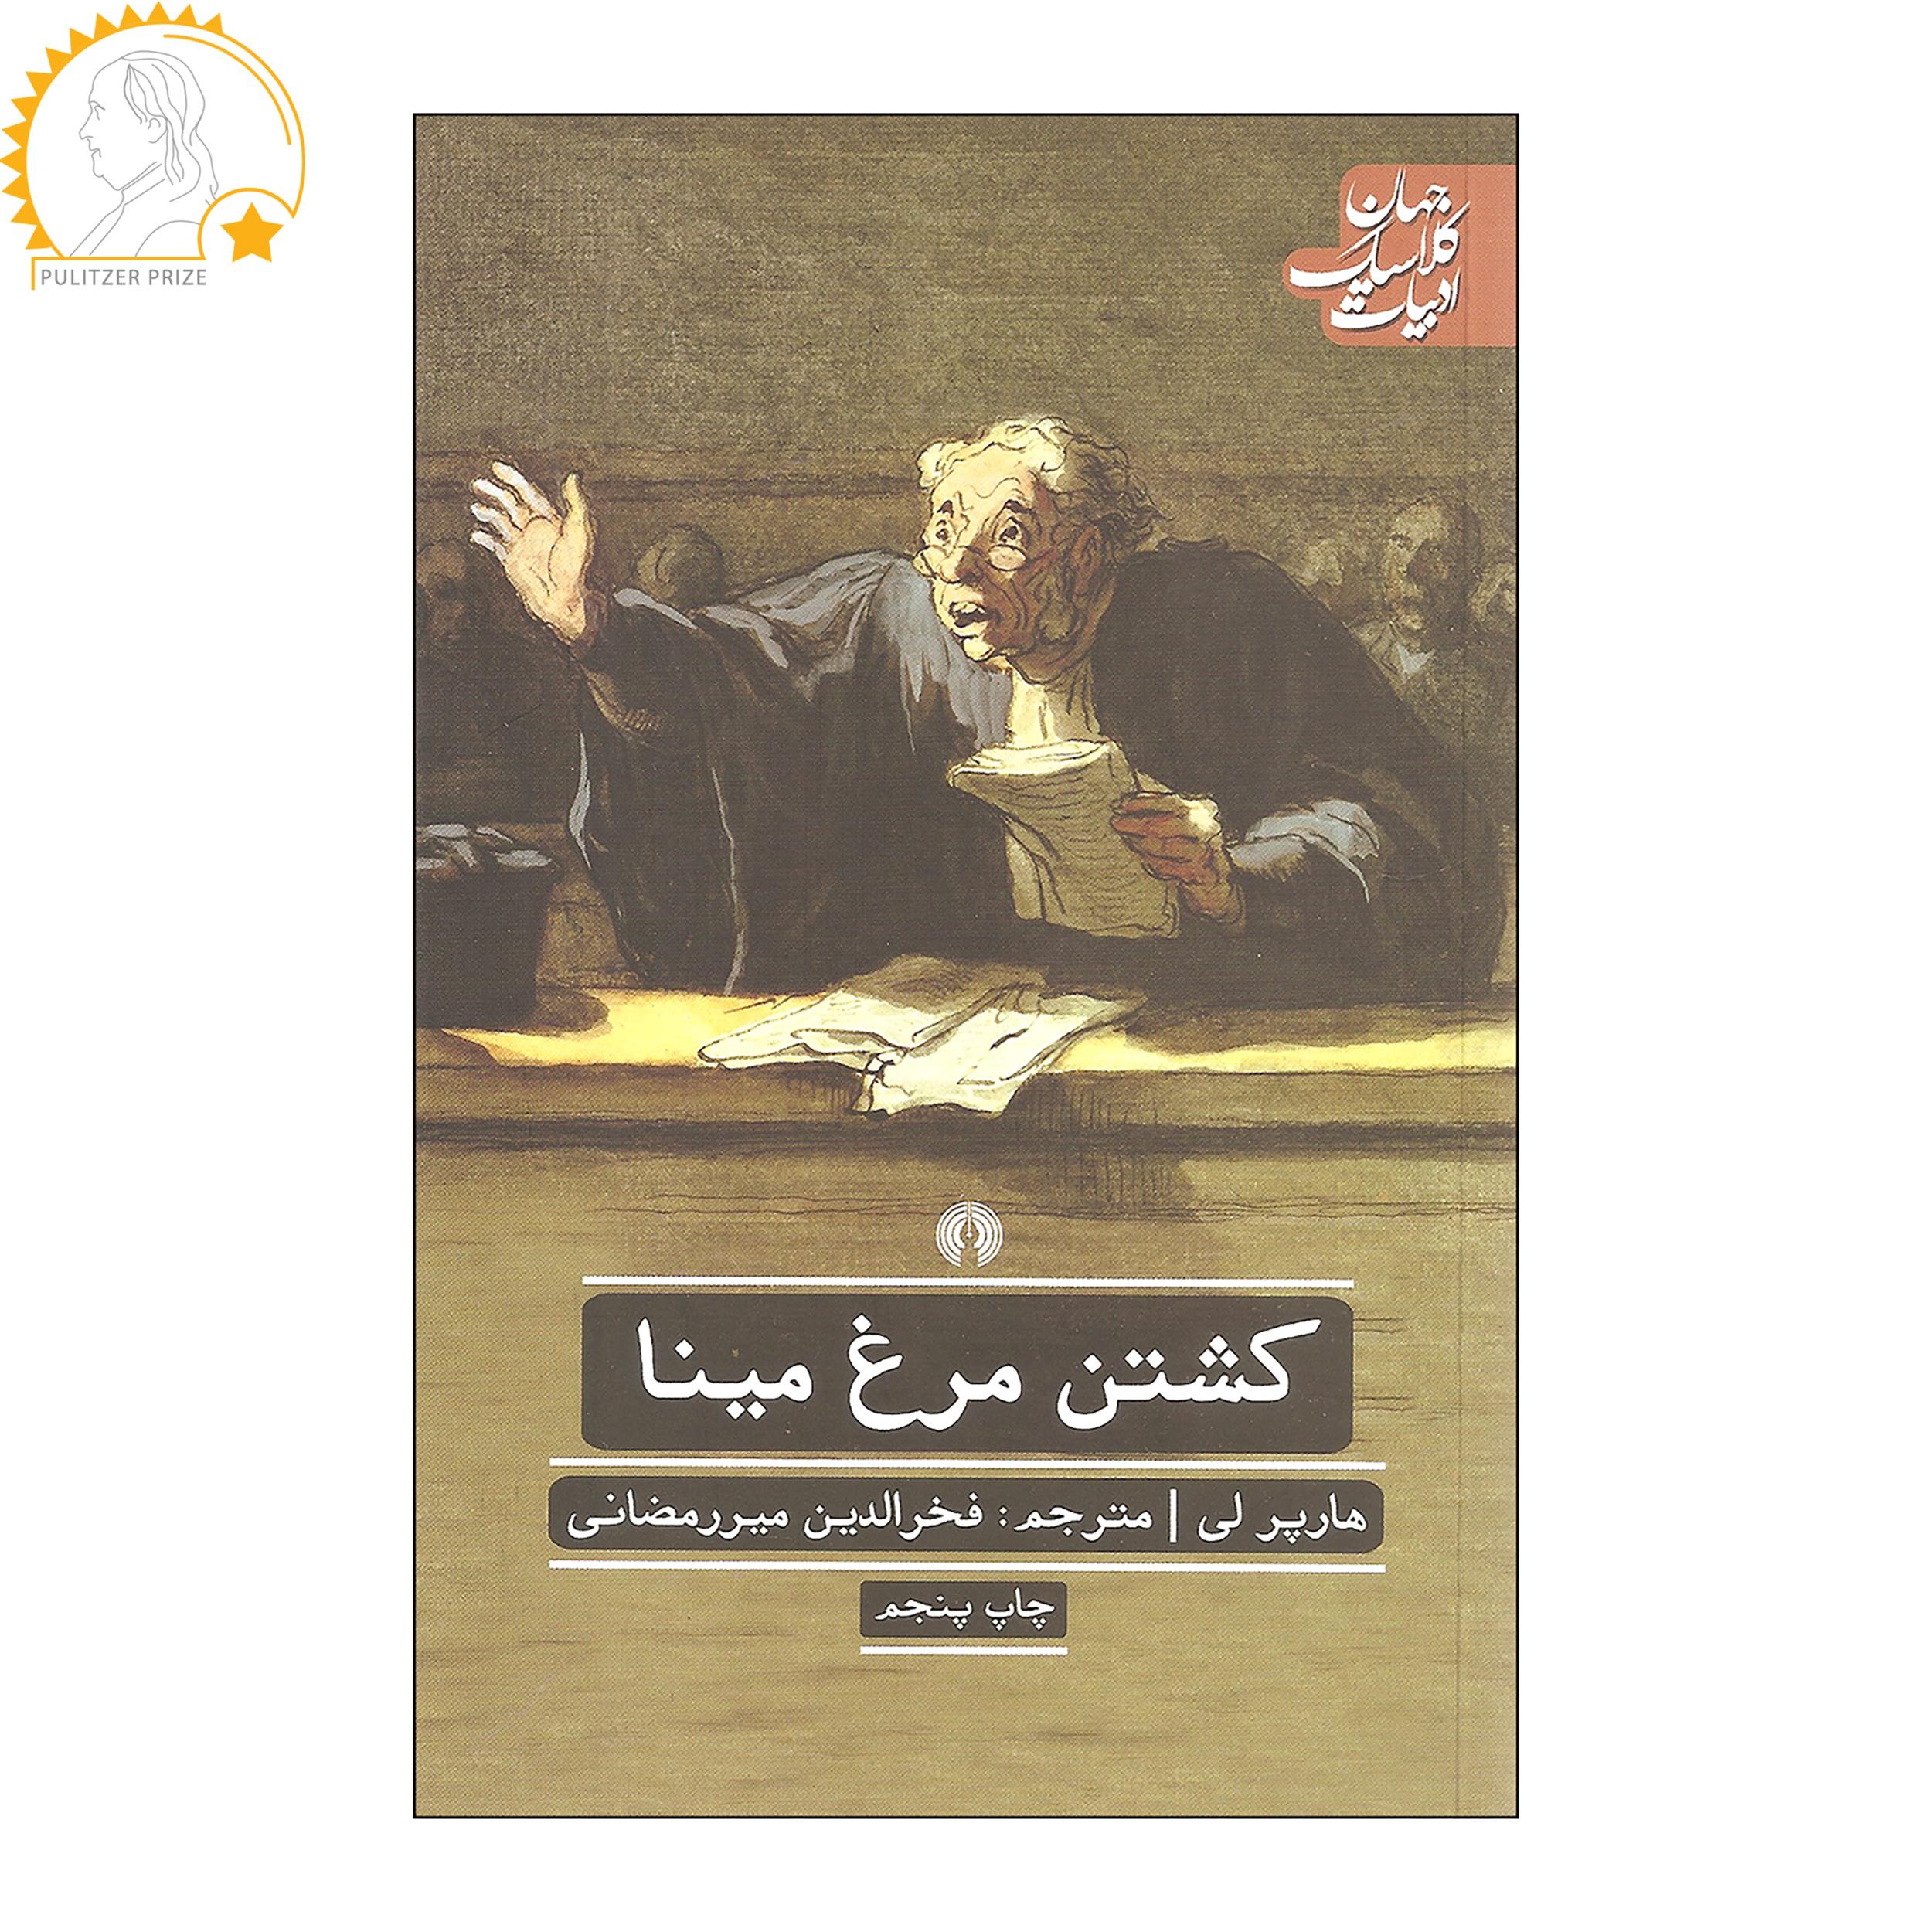 کتاب کشتن مرغ مینا اثر هارپر لی نشر علمی و فرهنگی